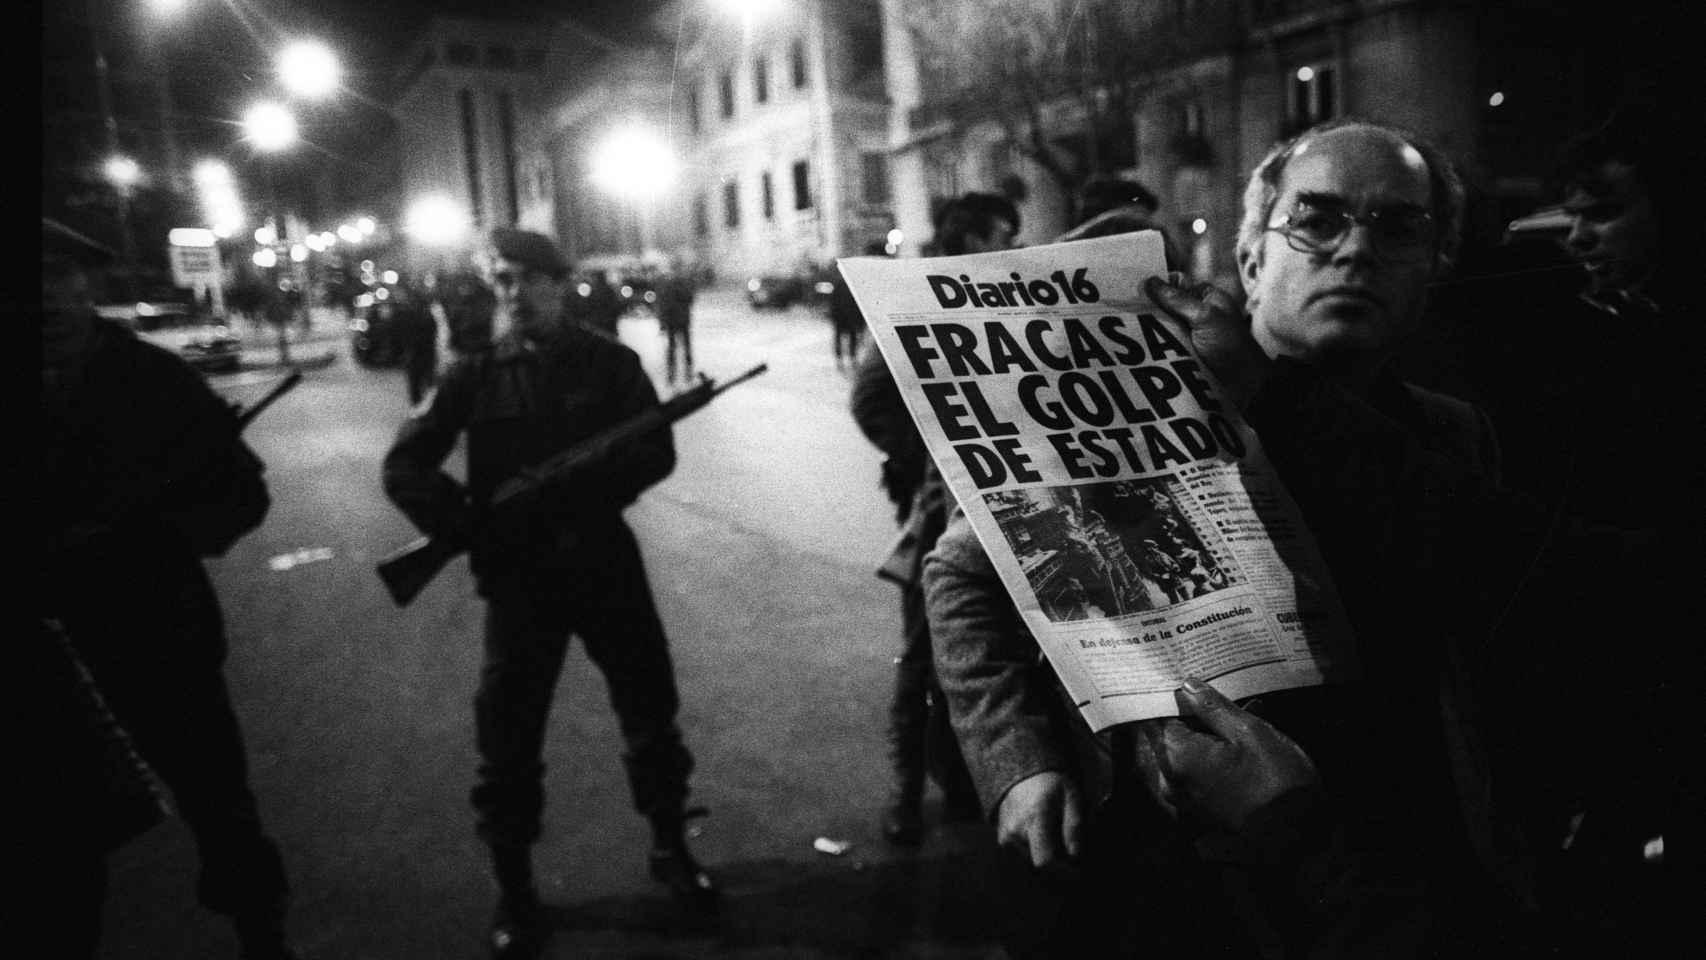 La primera edición de 'Diario 16' llegó junto a Las Cortes de madrugada con el titular que se lee. Sin embargo, Tejero y los guardias que le acompañaron seguían encañonando a esas horas a todos los parlamentarios en el interior del Congreso. Los guardias civiles estaban armados con fusiles de asalto.